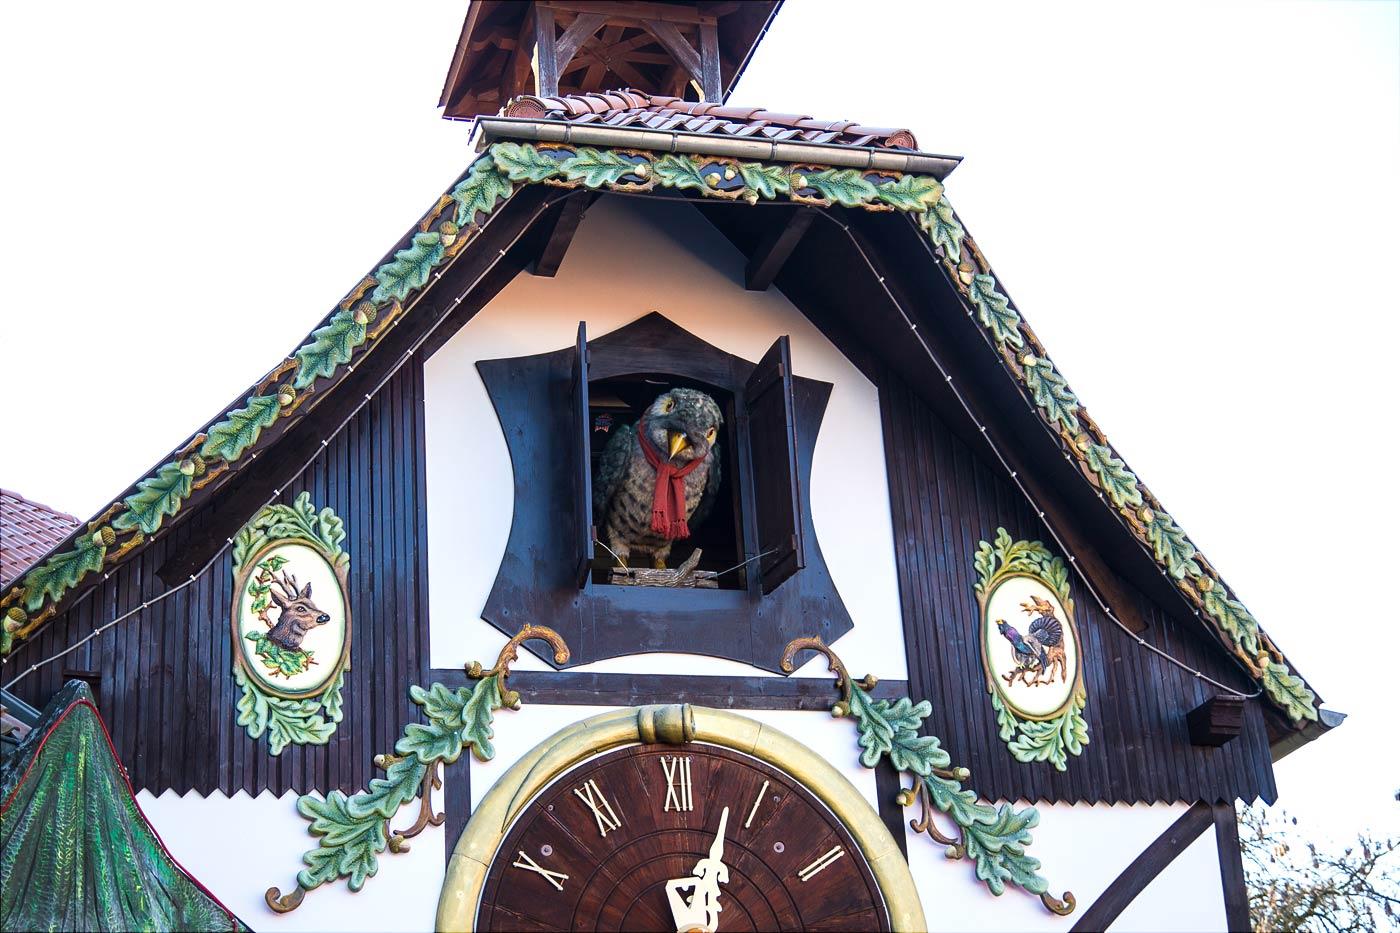 Самые большие механические часы с кукушкой, Гернроде, Германия